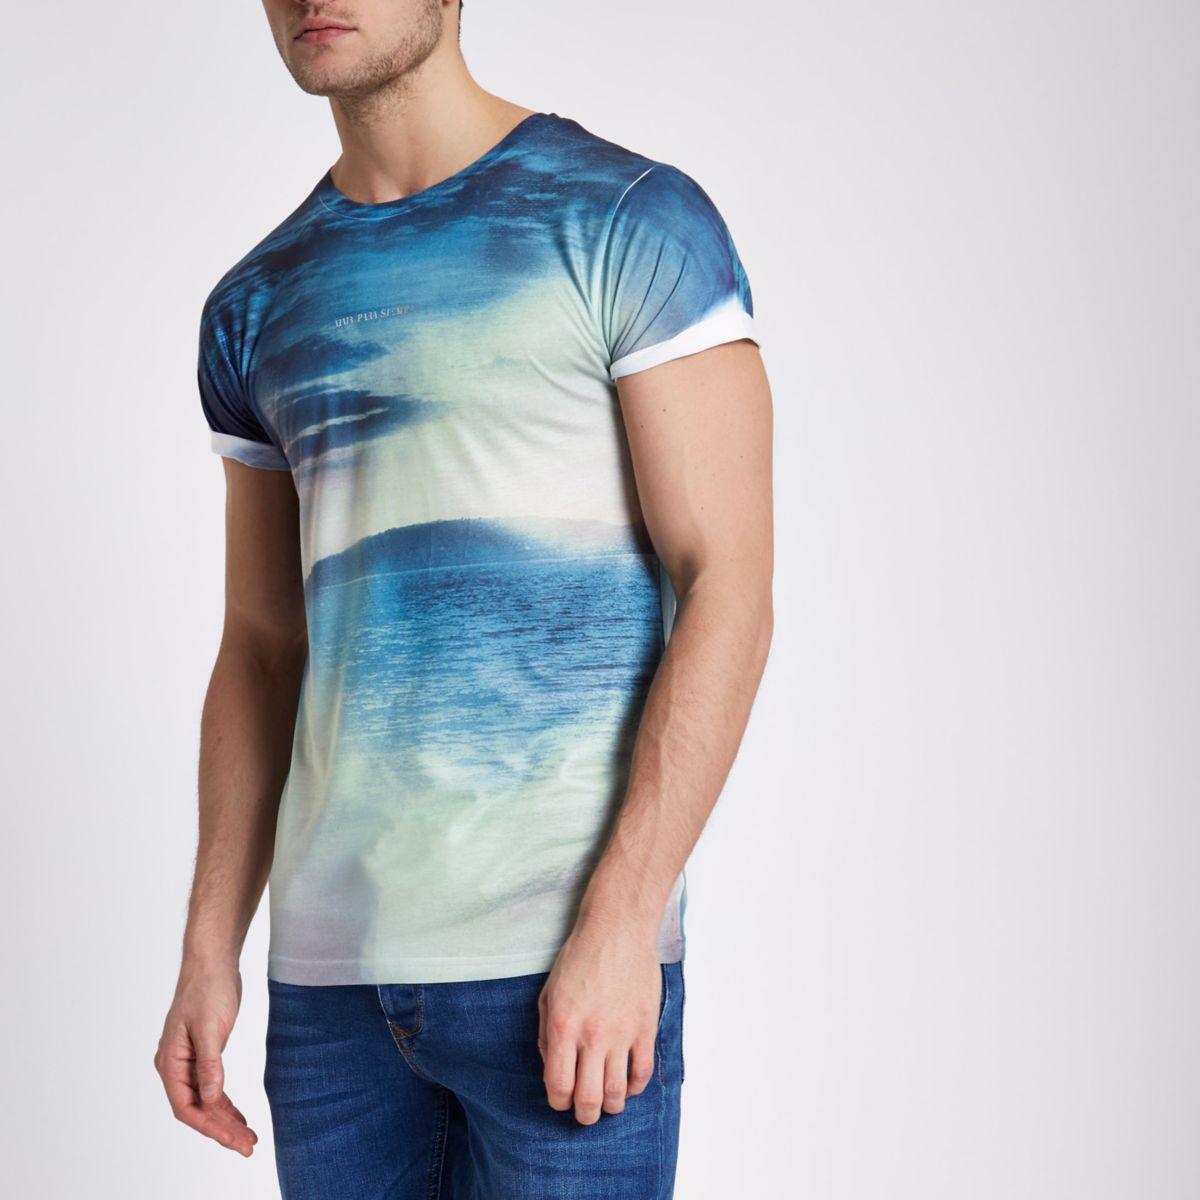 Blaues T-Shirt mit Landschaftsdruck